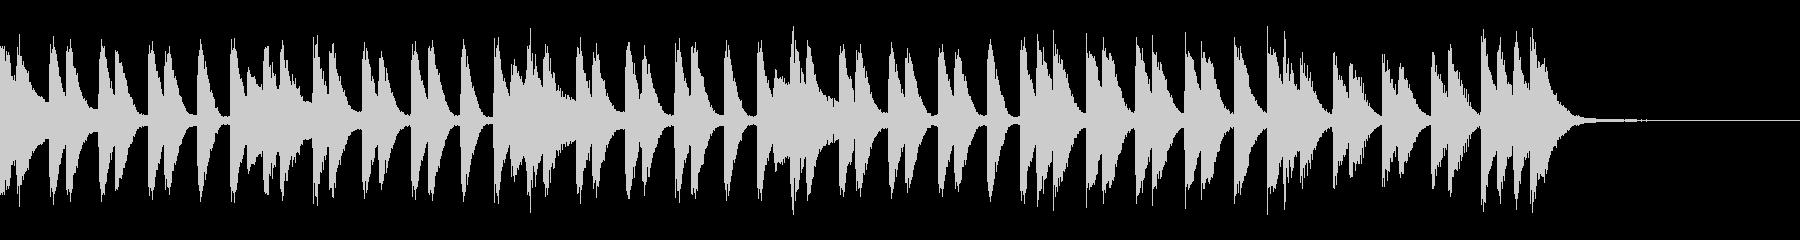 華やかで疾走感のあるピアノジングルの未再生の波形